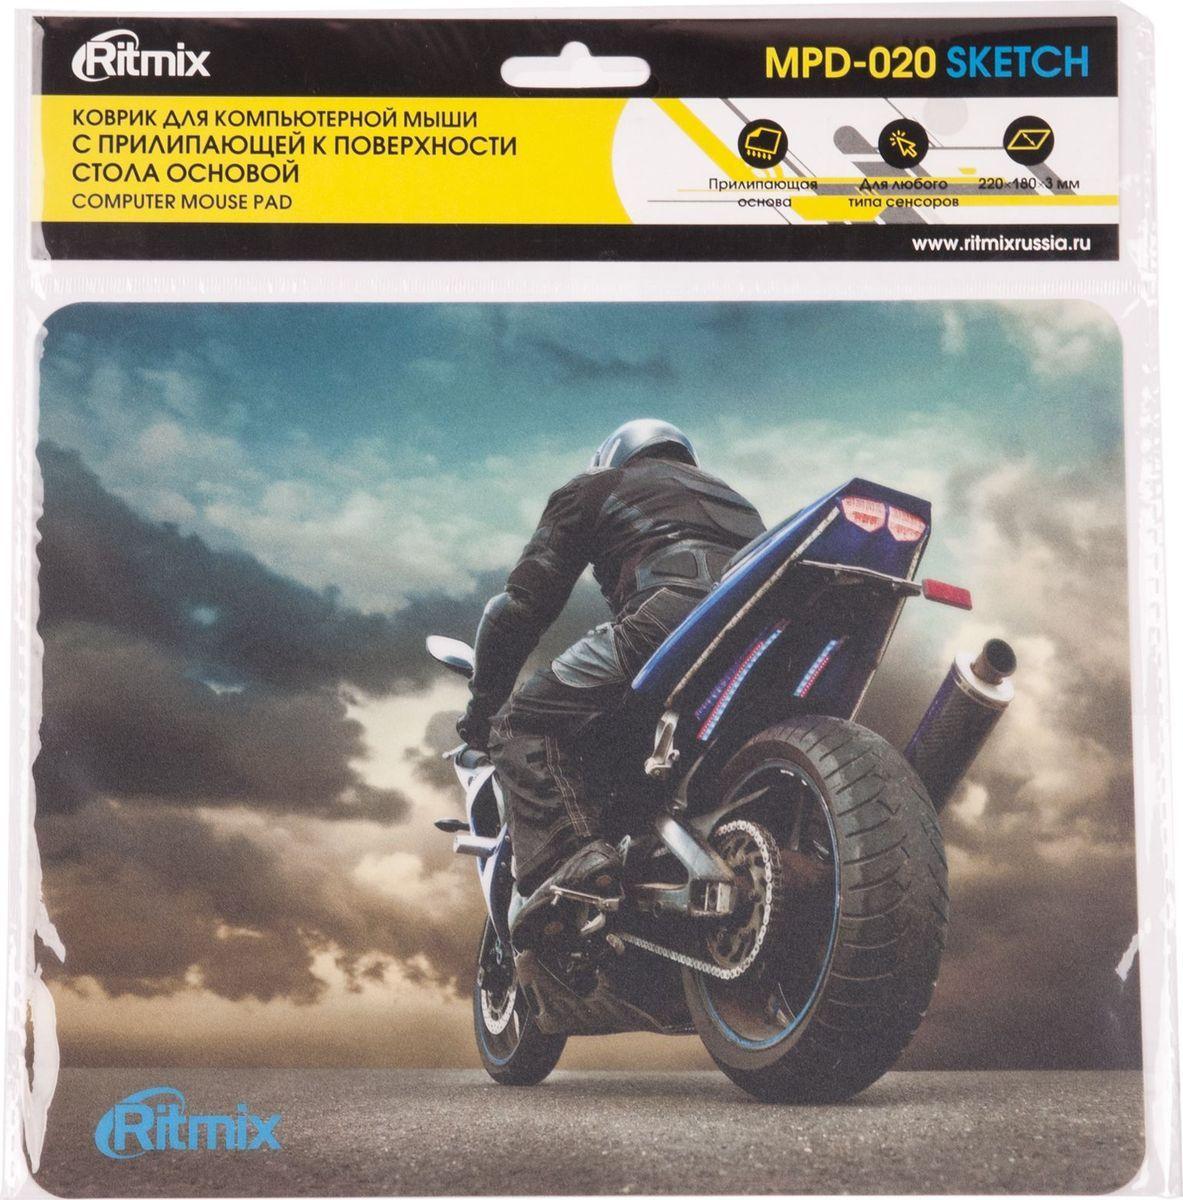 Ritmix MPD-020 Sketch коврик для мыши все цены